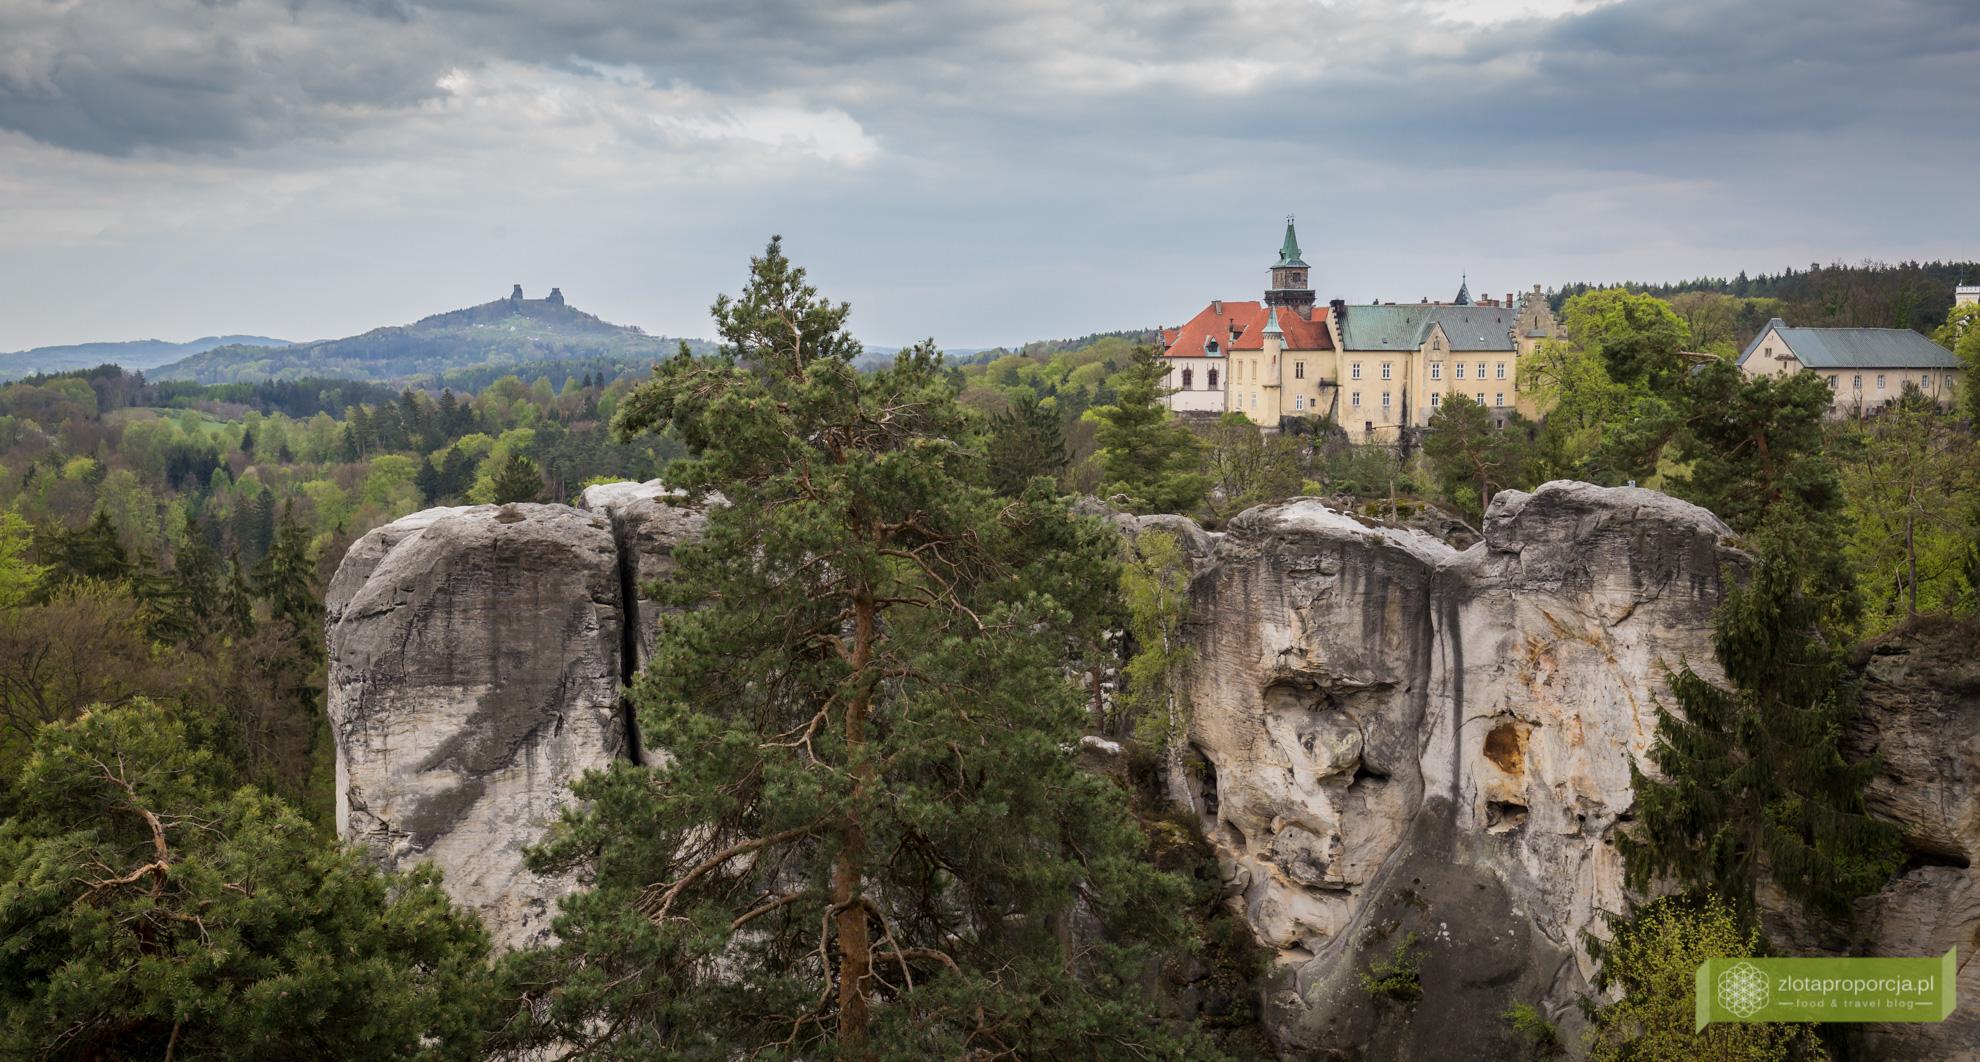 Czeski Raj, Czeski Raj zdjęcia, Czeski Raj miasta skalne, Hruboskalsko, zamek Hruba Skala, Mariańska Vyhlidka